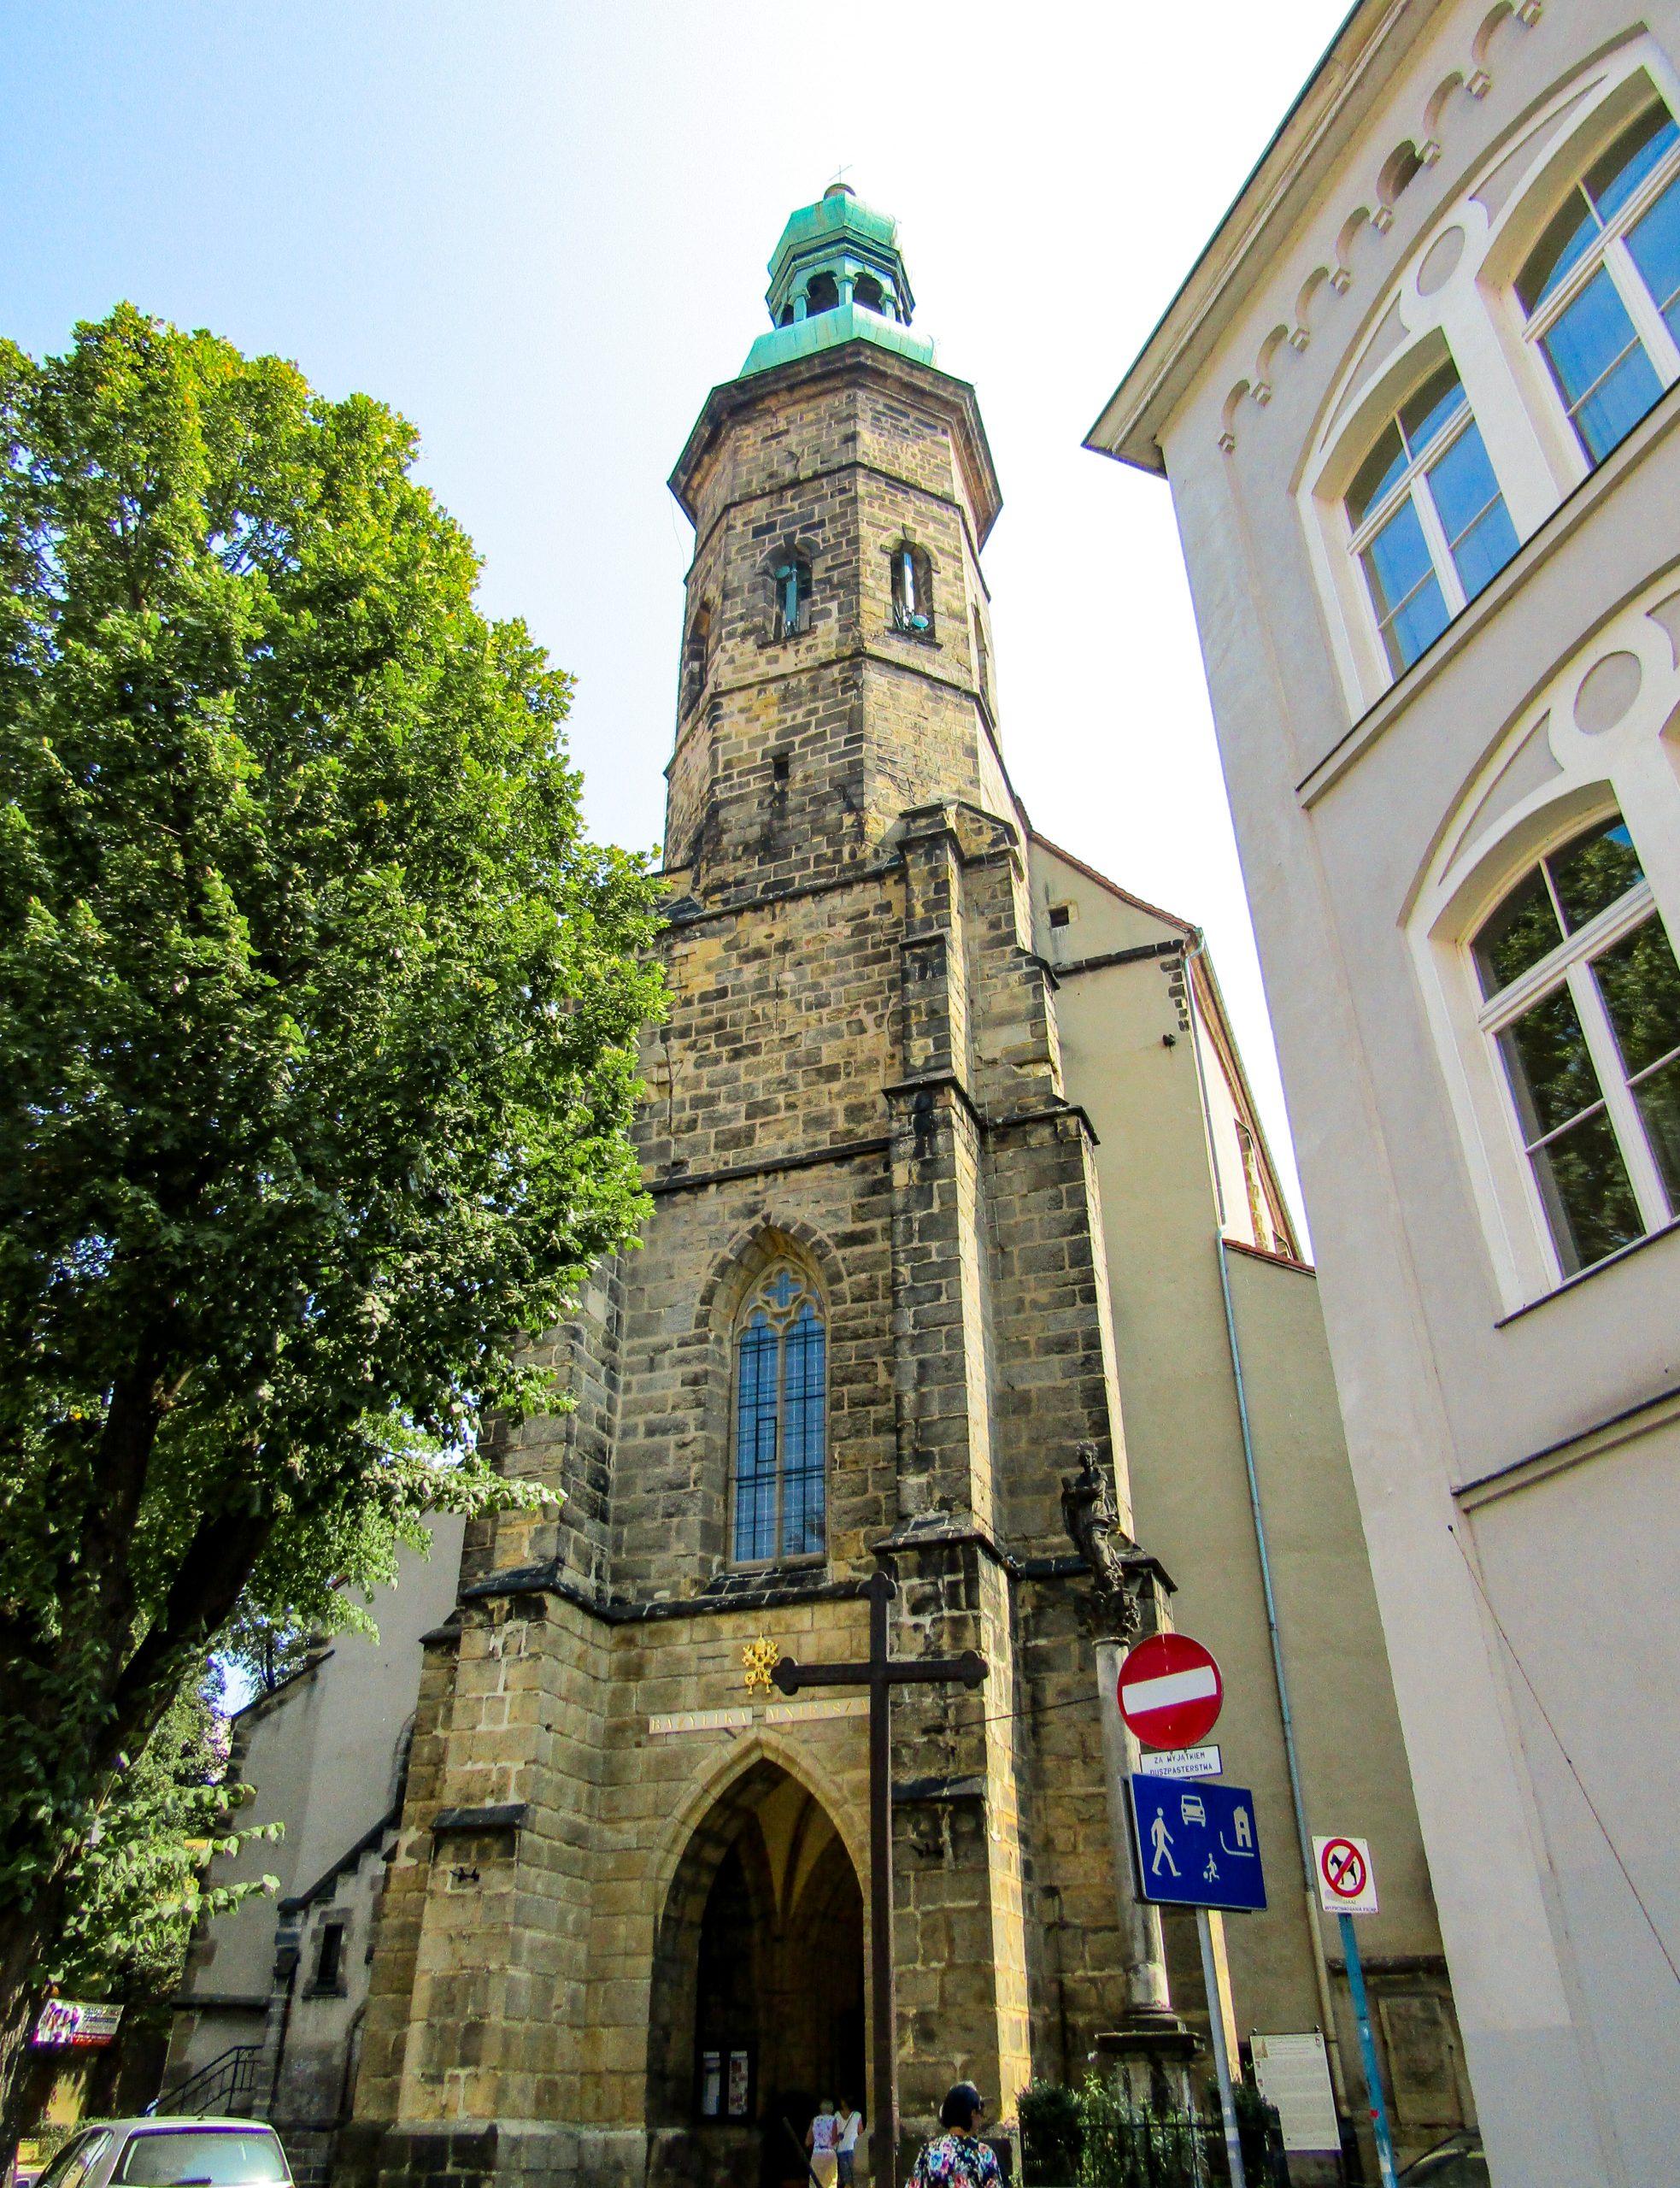 Basilica of St. Erasmus and St. Pancras